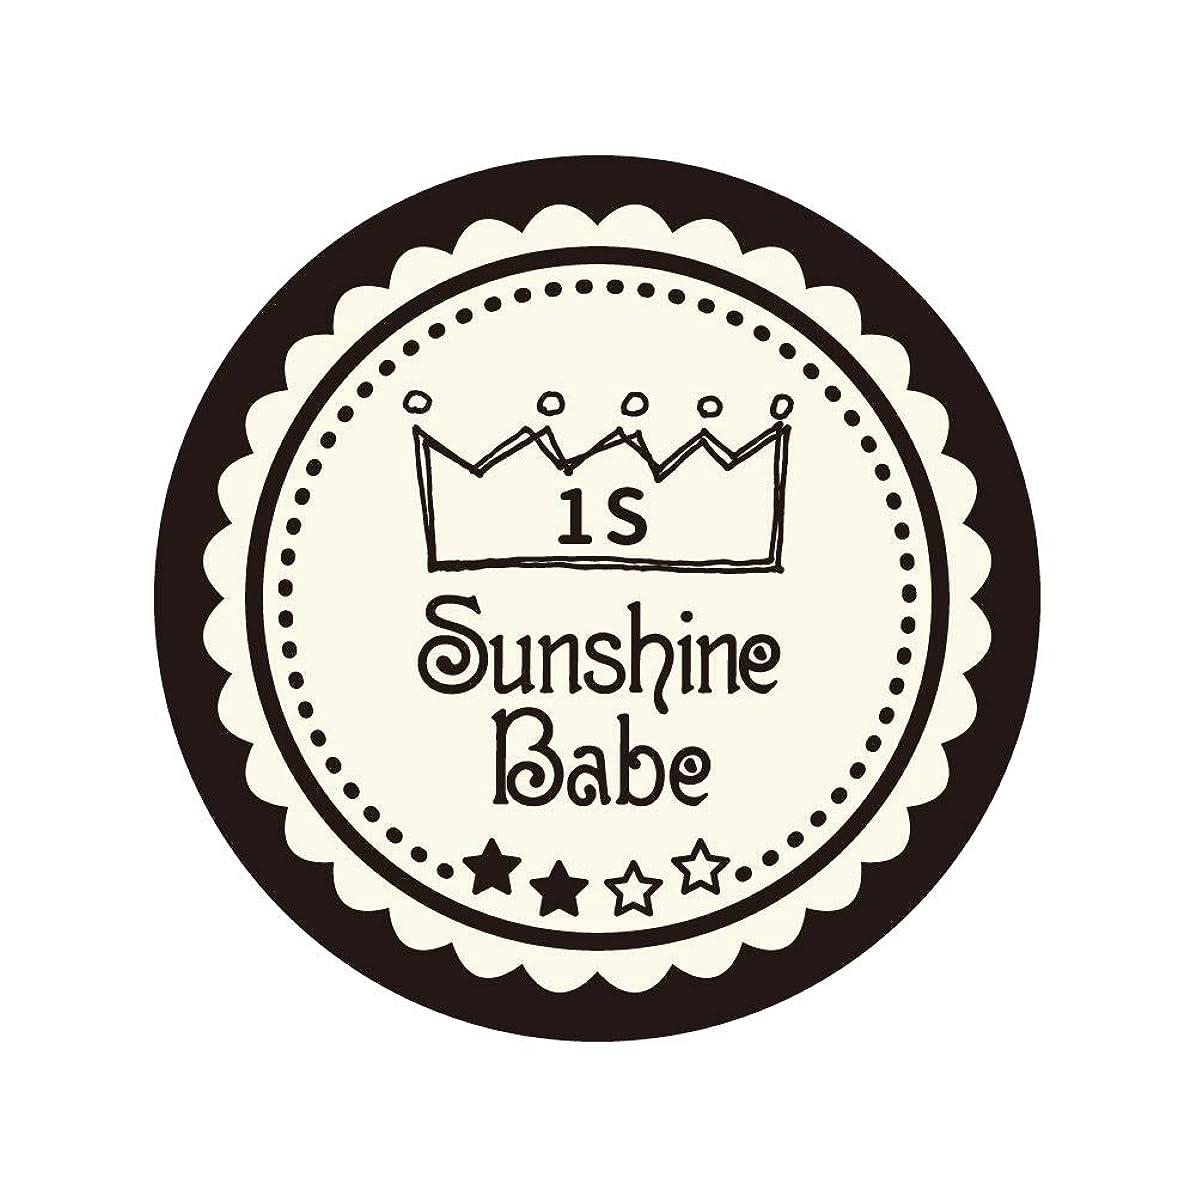 達成する泥沼筋肉のSunshine Babe コスメティックカラー 1S ココナッツミルク 4g UV/LED対応タイオウ